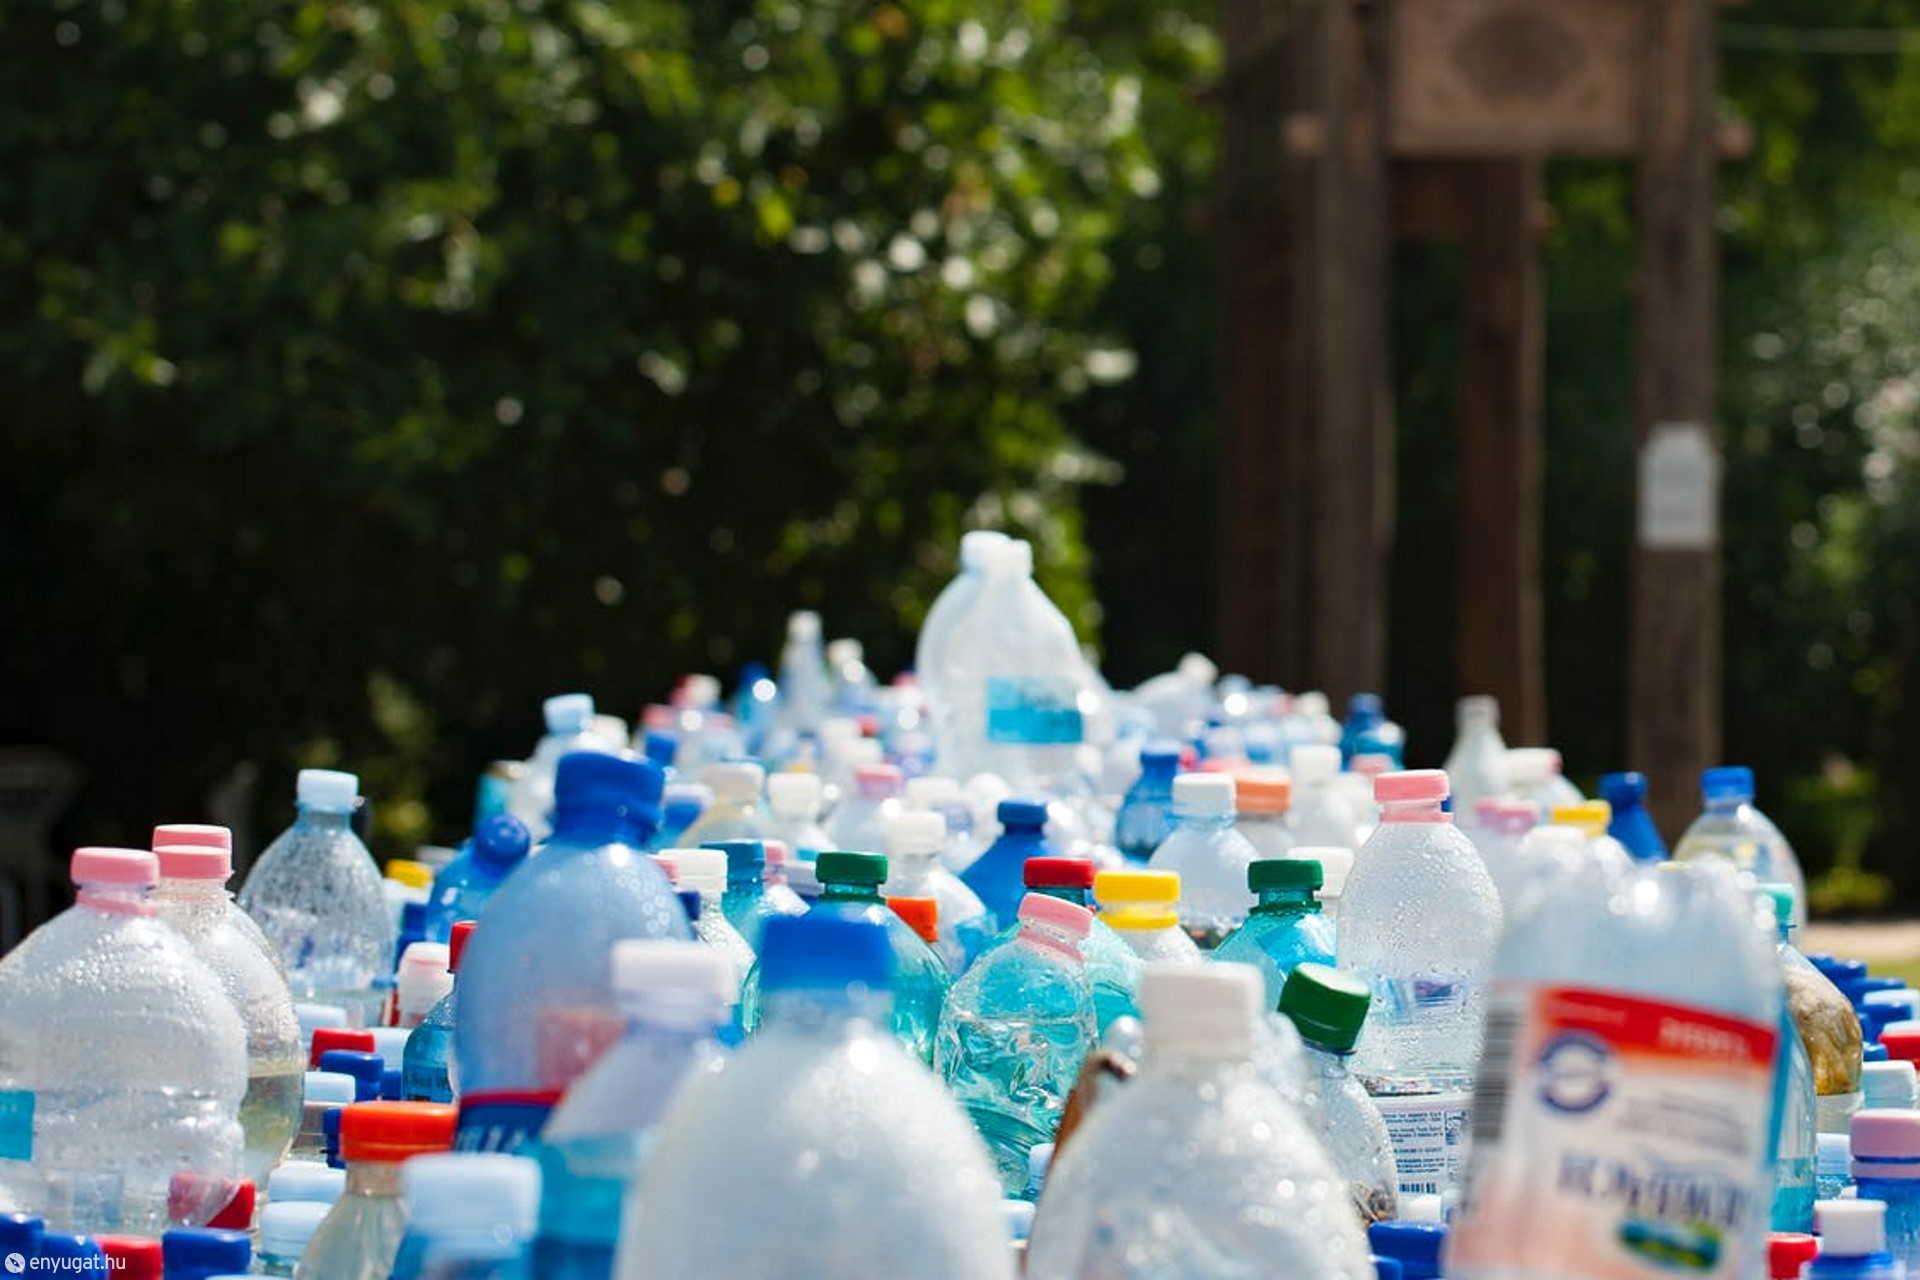 Műanyag palackból iszunk miközben a csapból is tiszta víz folyik.